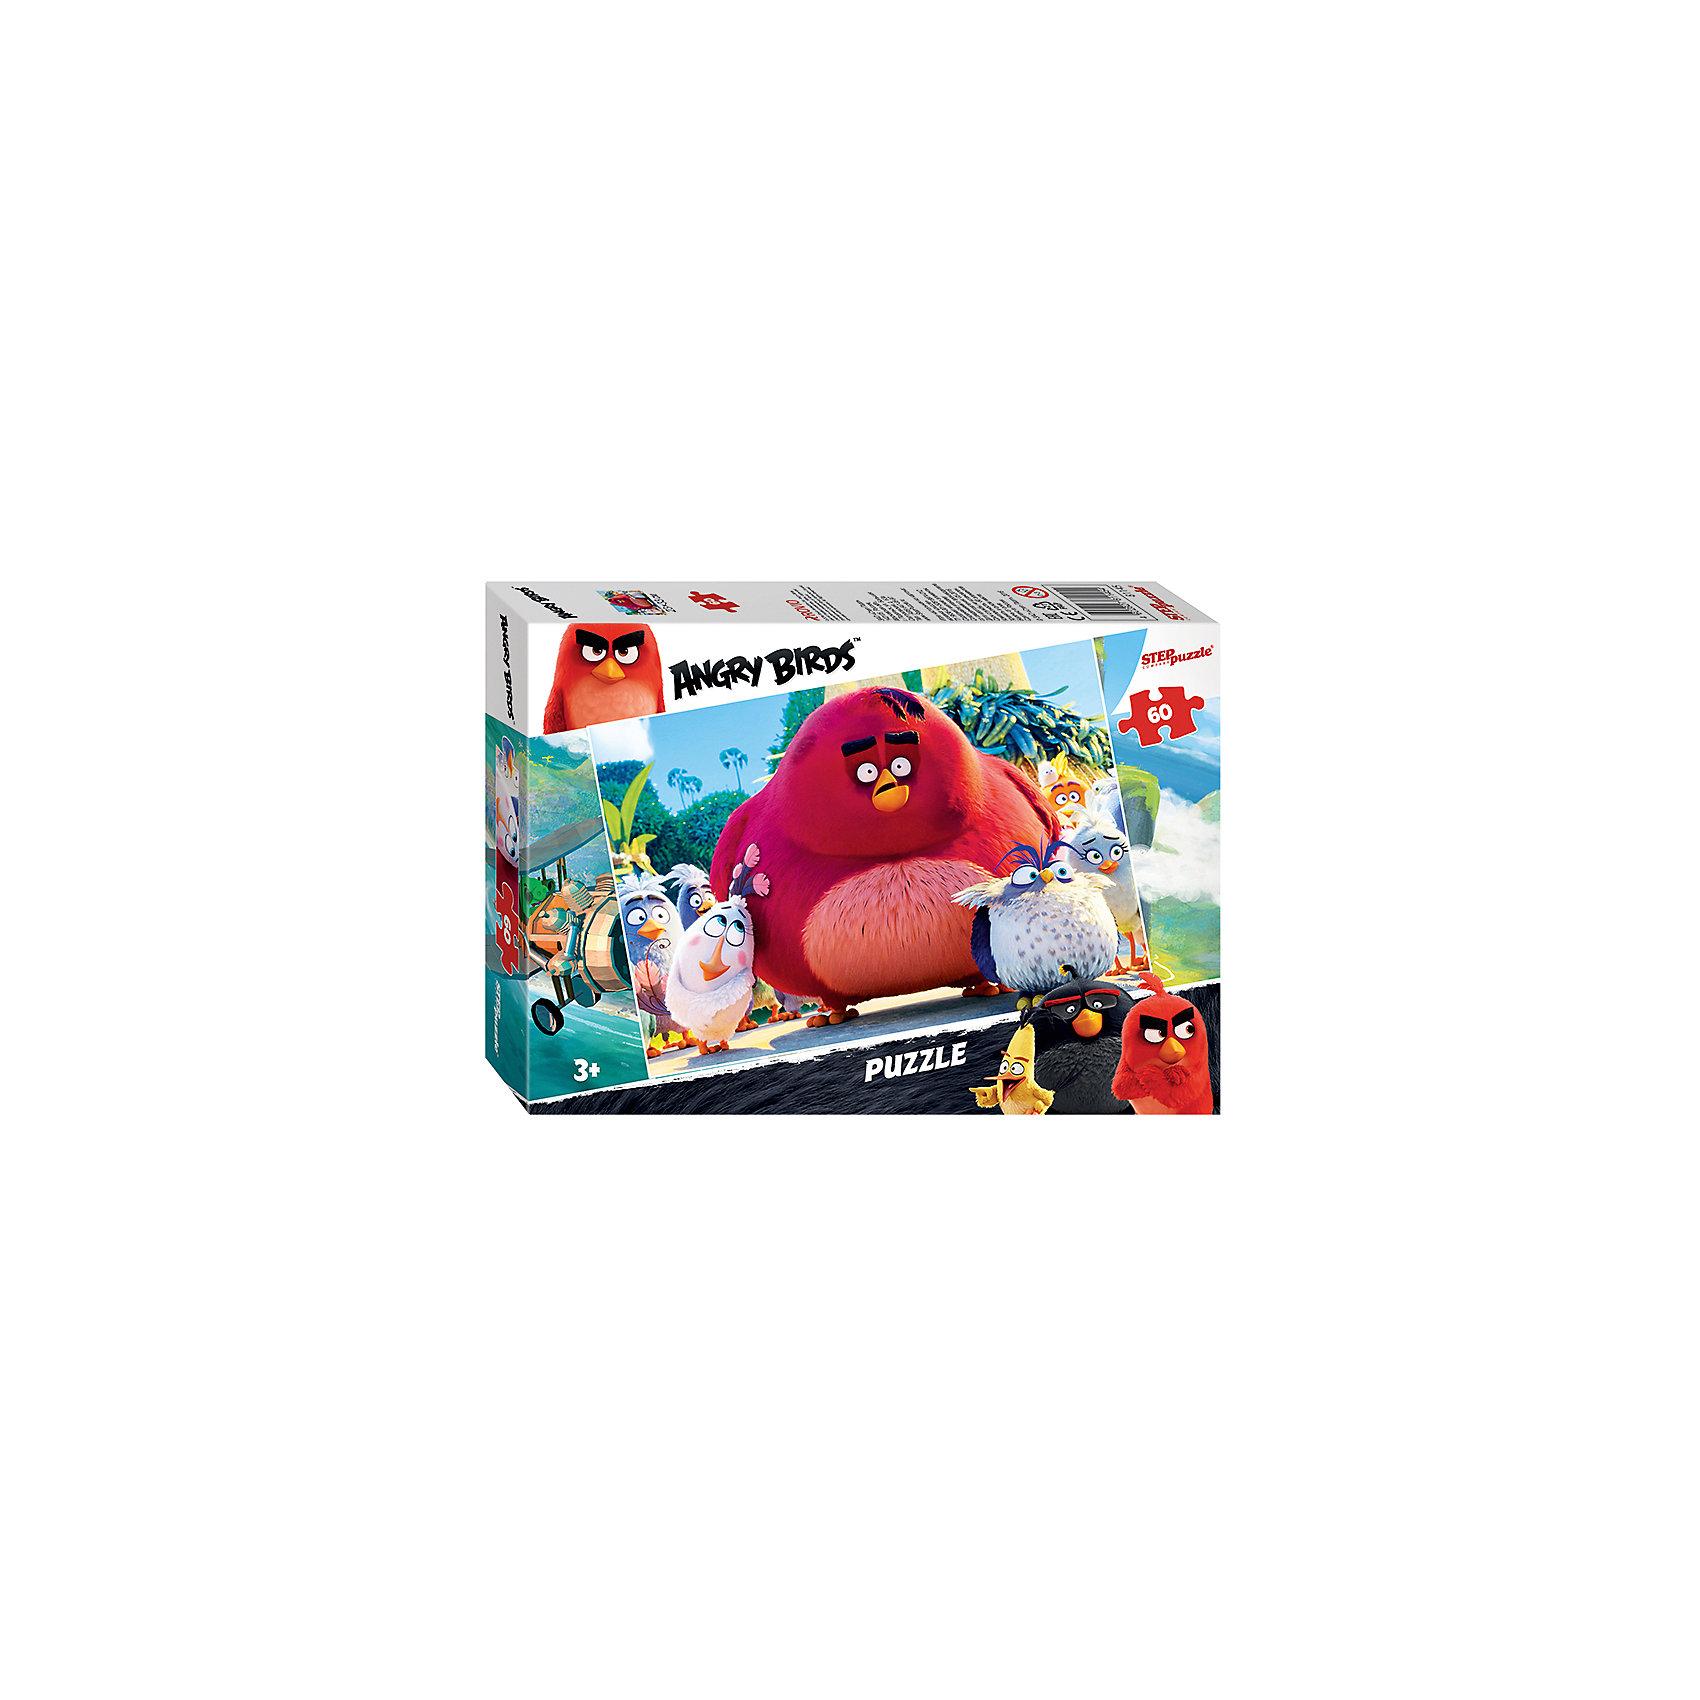 Пазл Angry Birds, 60 деталей, Step PuzzleПазл Angry Birds, 60 деталей, Step Puzzle (Степ Пазл) – это замечательный красочный пазл с изображением любимых героев.<br>Пазл Angry Birds создан по мотивам мультфильма «Angry Birds в кино», в котором рассказывается с чего началась вражда сердитых птичек и зеленых свинок. Сборка пазла Angry Birds от Step Puzzle (Степ Пазл) подарит Вашему ребенку множество увлекательных вечеров и принесет пользу для развития. Координация, моторика, внимательность легко тренируются, пока ребенок увлеченно подбирает детали. Детали пазла хорошо проклеены, идеально сцепляются друг с другом, не расслаиваются.<br><br>Дополнительная информация:<br><br>- Количество деталей: 60<br>- Размер собранной картинки: 23х33 см.<br>- Материал: высококачественный картон<br>- Упаковка: картонная коробка<br>- Размер упаковки: 13,7x19,6x3,8 см.<br>- Вес: 110 гр.<br><br>Пазл Angry Birds, 60 деталей, Step Puzzle (Степ Пазл) можно купить в нашем интернет-магазине.<br><br>Ширина мм: 195<br>Глубина мм: 137<br>Высота мм: 35<br>Вес г: 150<br>Возраст от месяцев: 60<br>Возраст до месяцев: 120<br>Пол: Унисекс<br>Возраст: Детский<br>Количество деталей: 60<br>SKU: 4770611